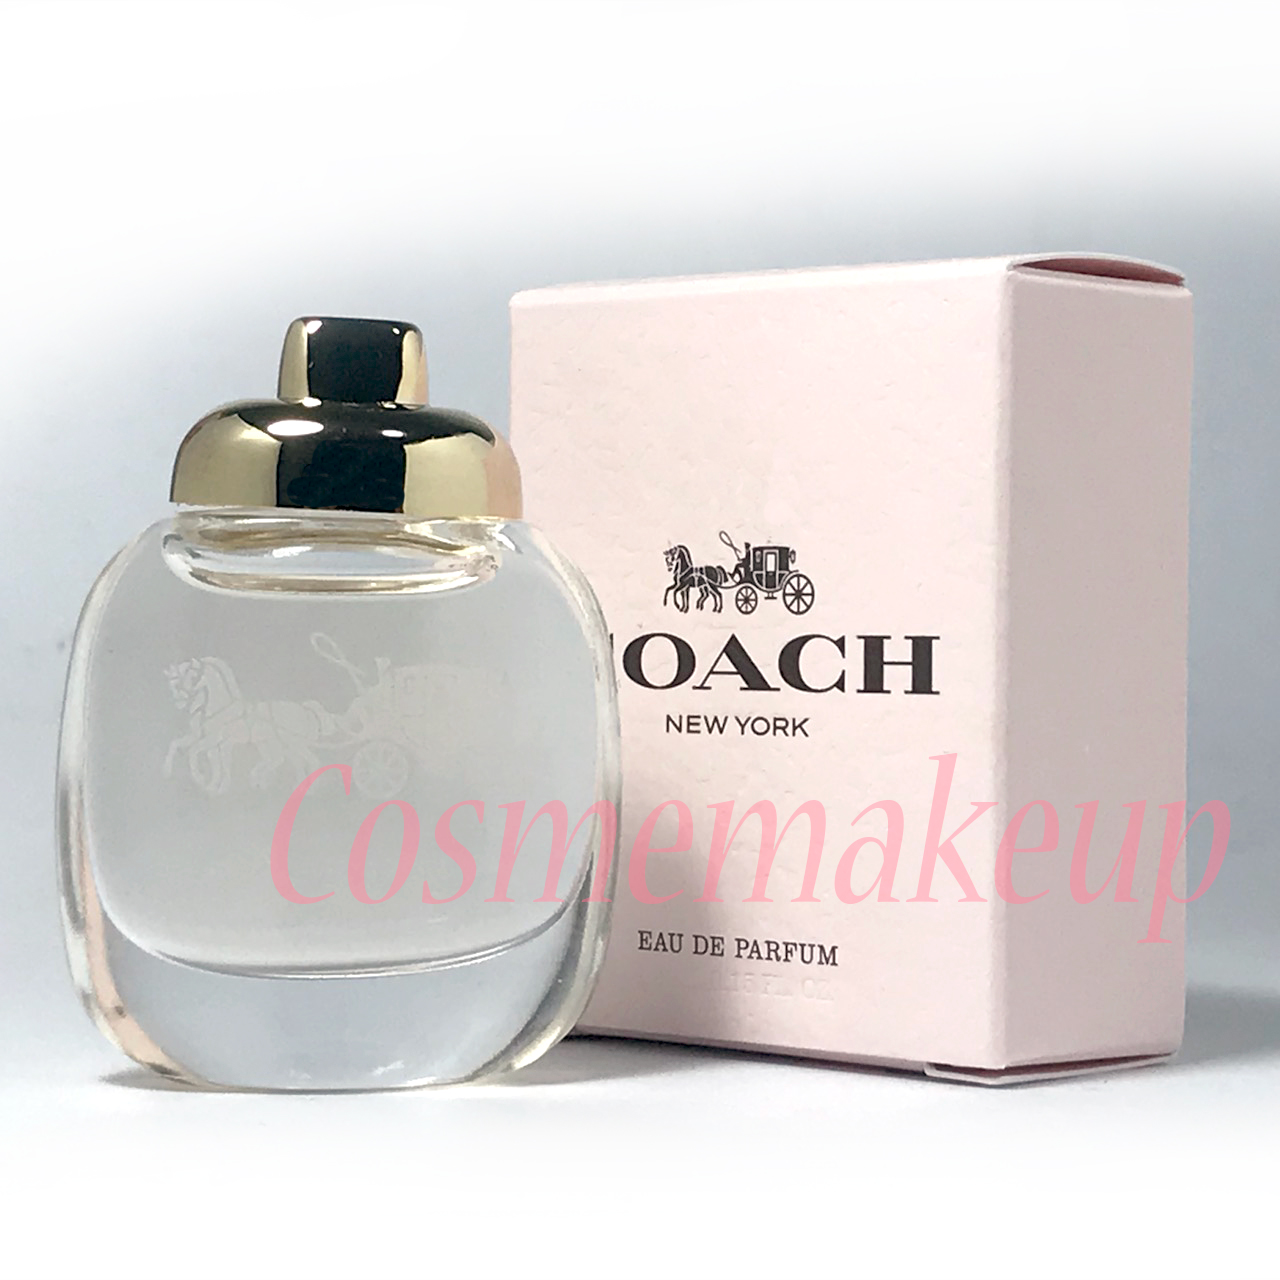 น้ำหอม COACH NEW YORK Eau De Parfum 4. 5 ml. มีกล่อง